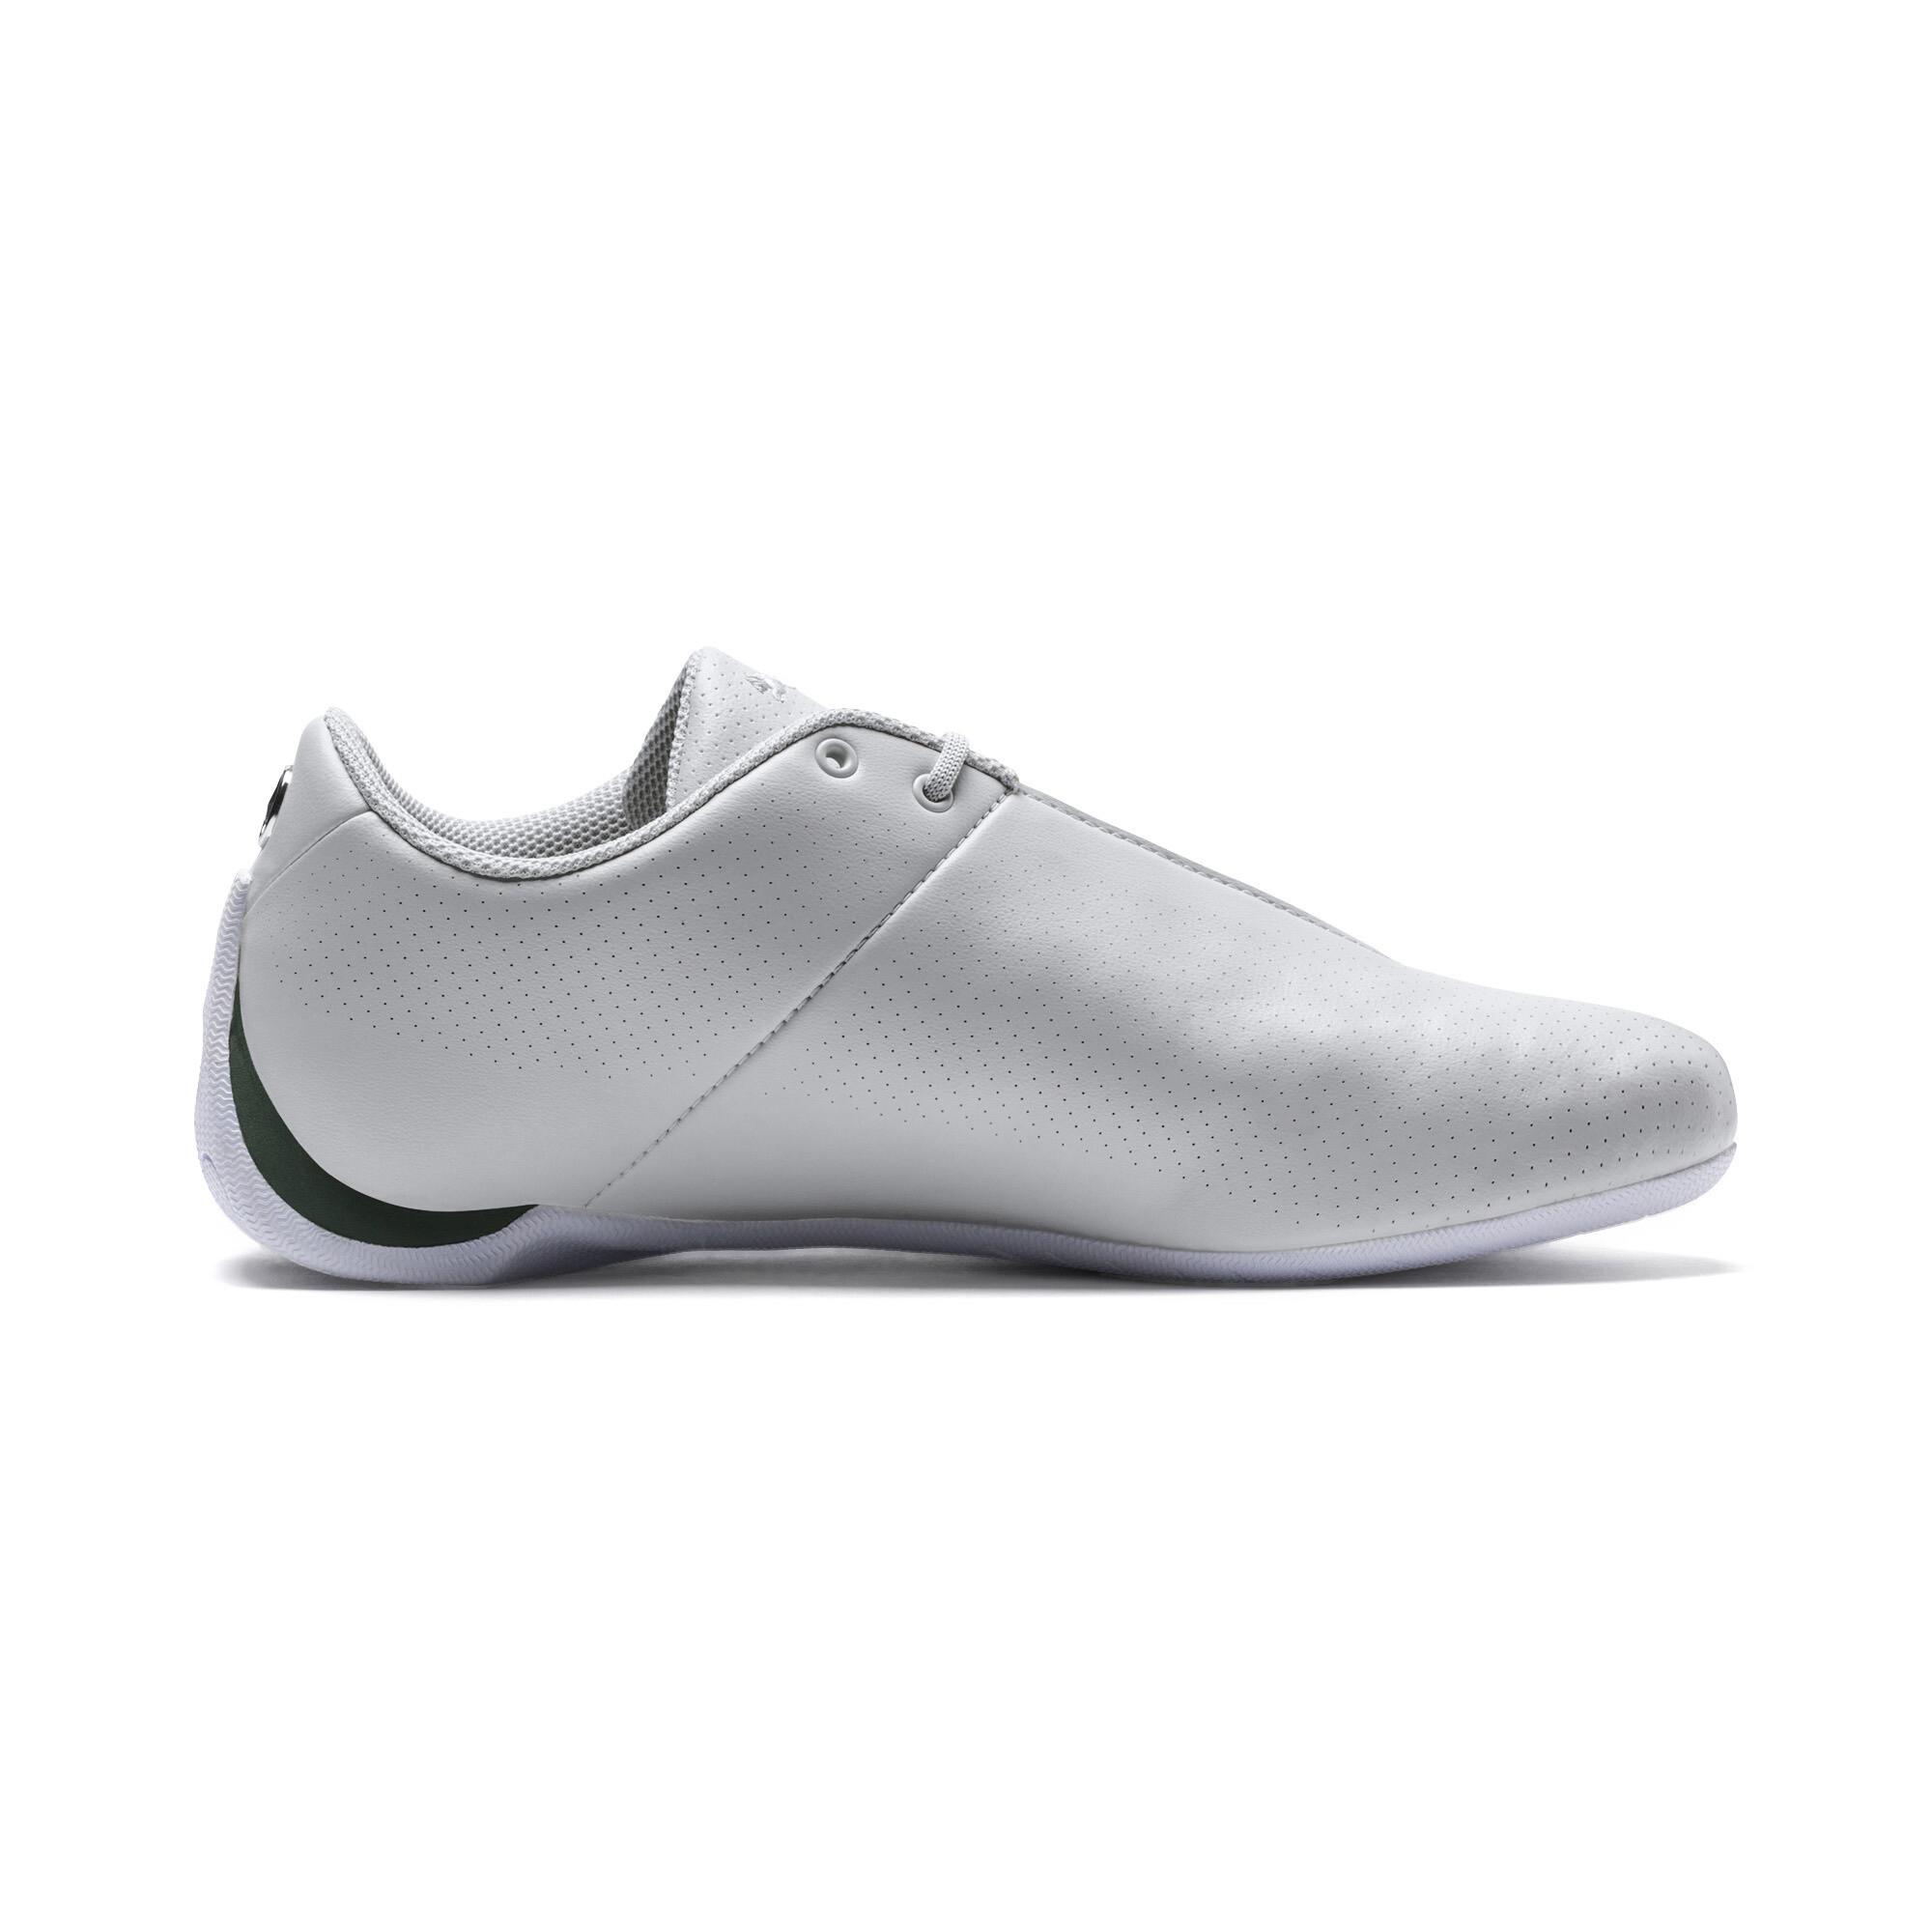 Indexbild 17 - PUMA MERCEDES AMG PETRONAS Future Cat Ultra Sneaker Unisex Schuhe Neu